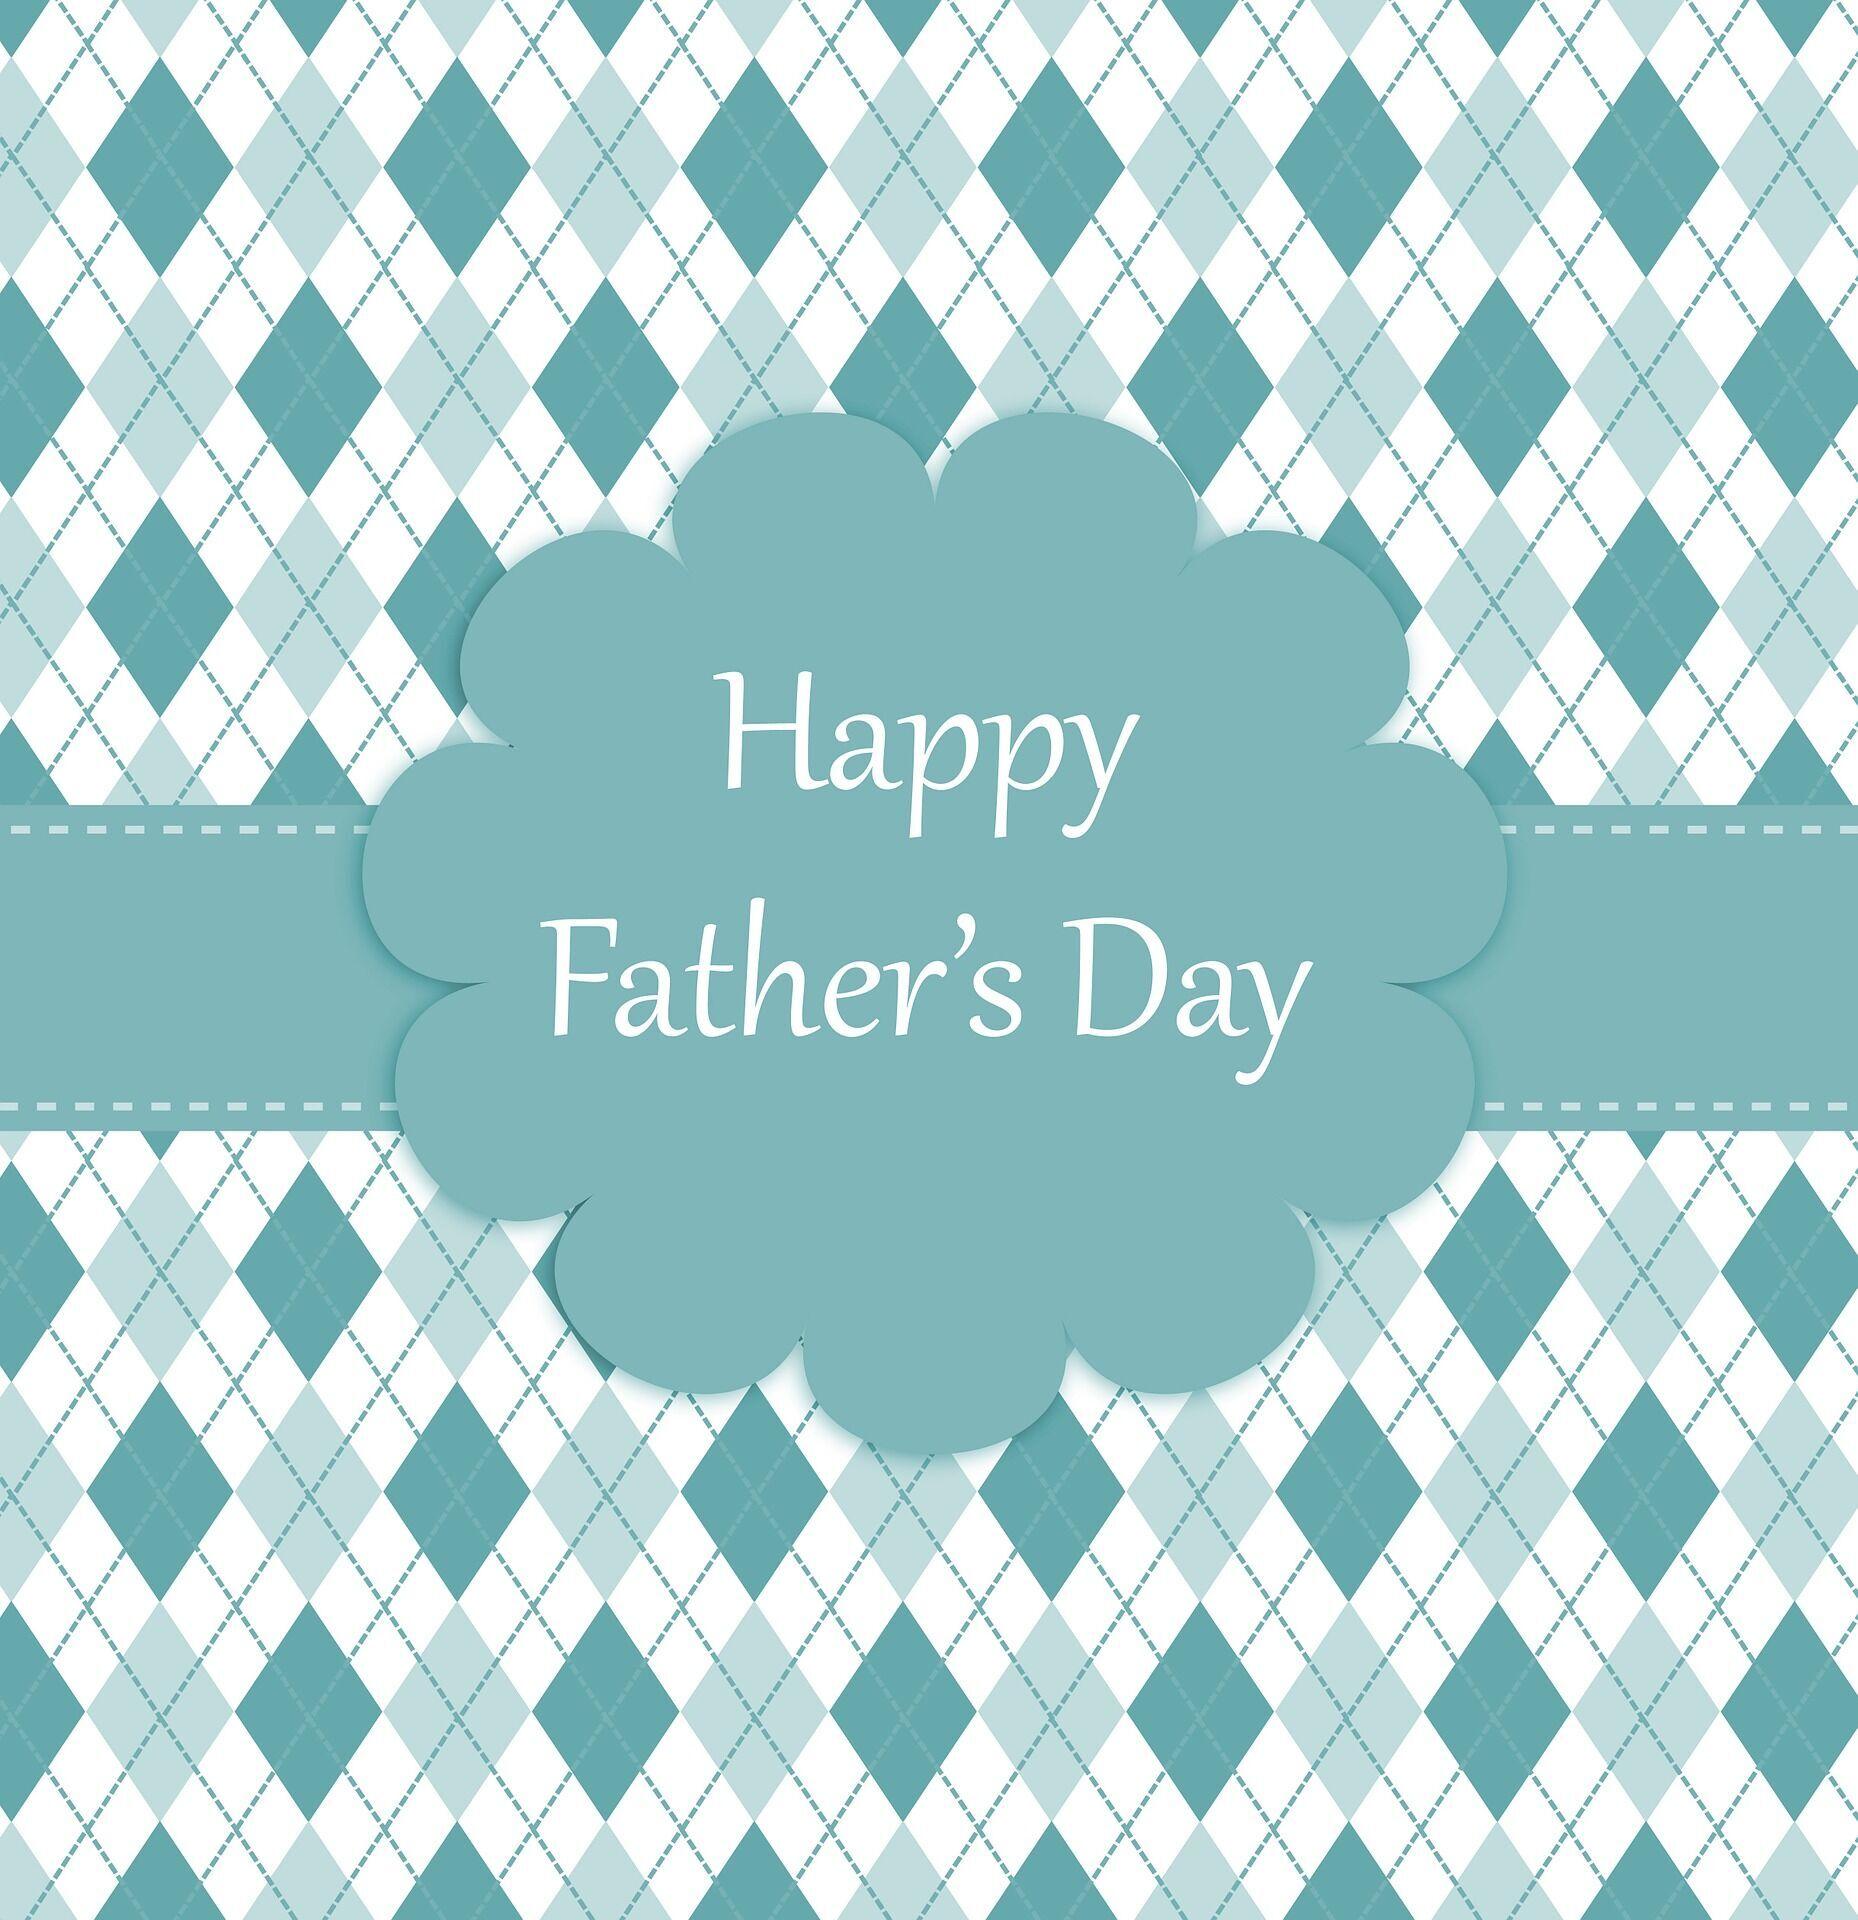 День батька в Україні 2021 року відзначається 20 червня